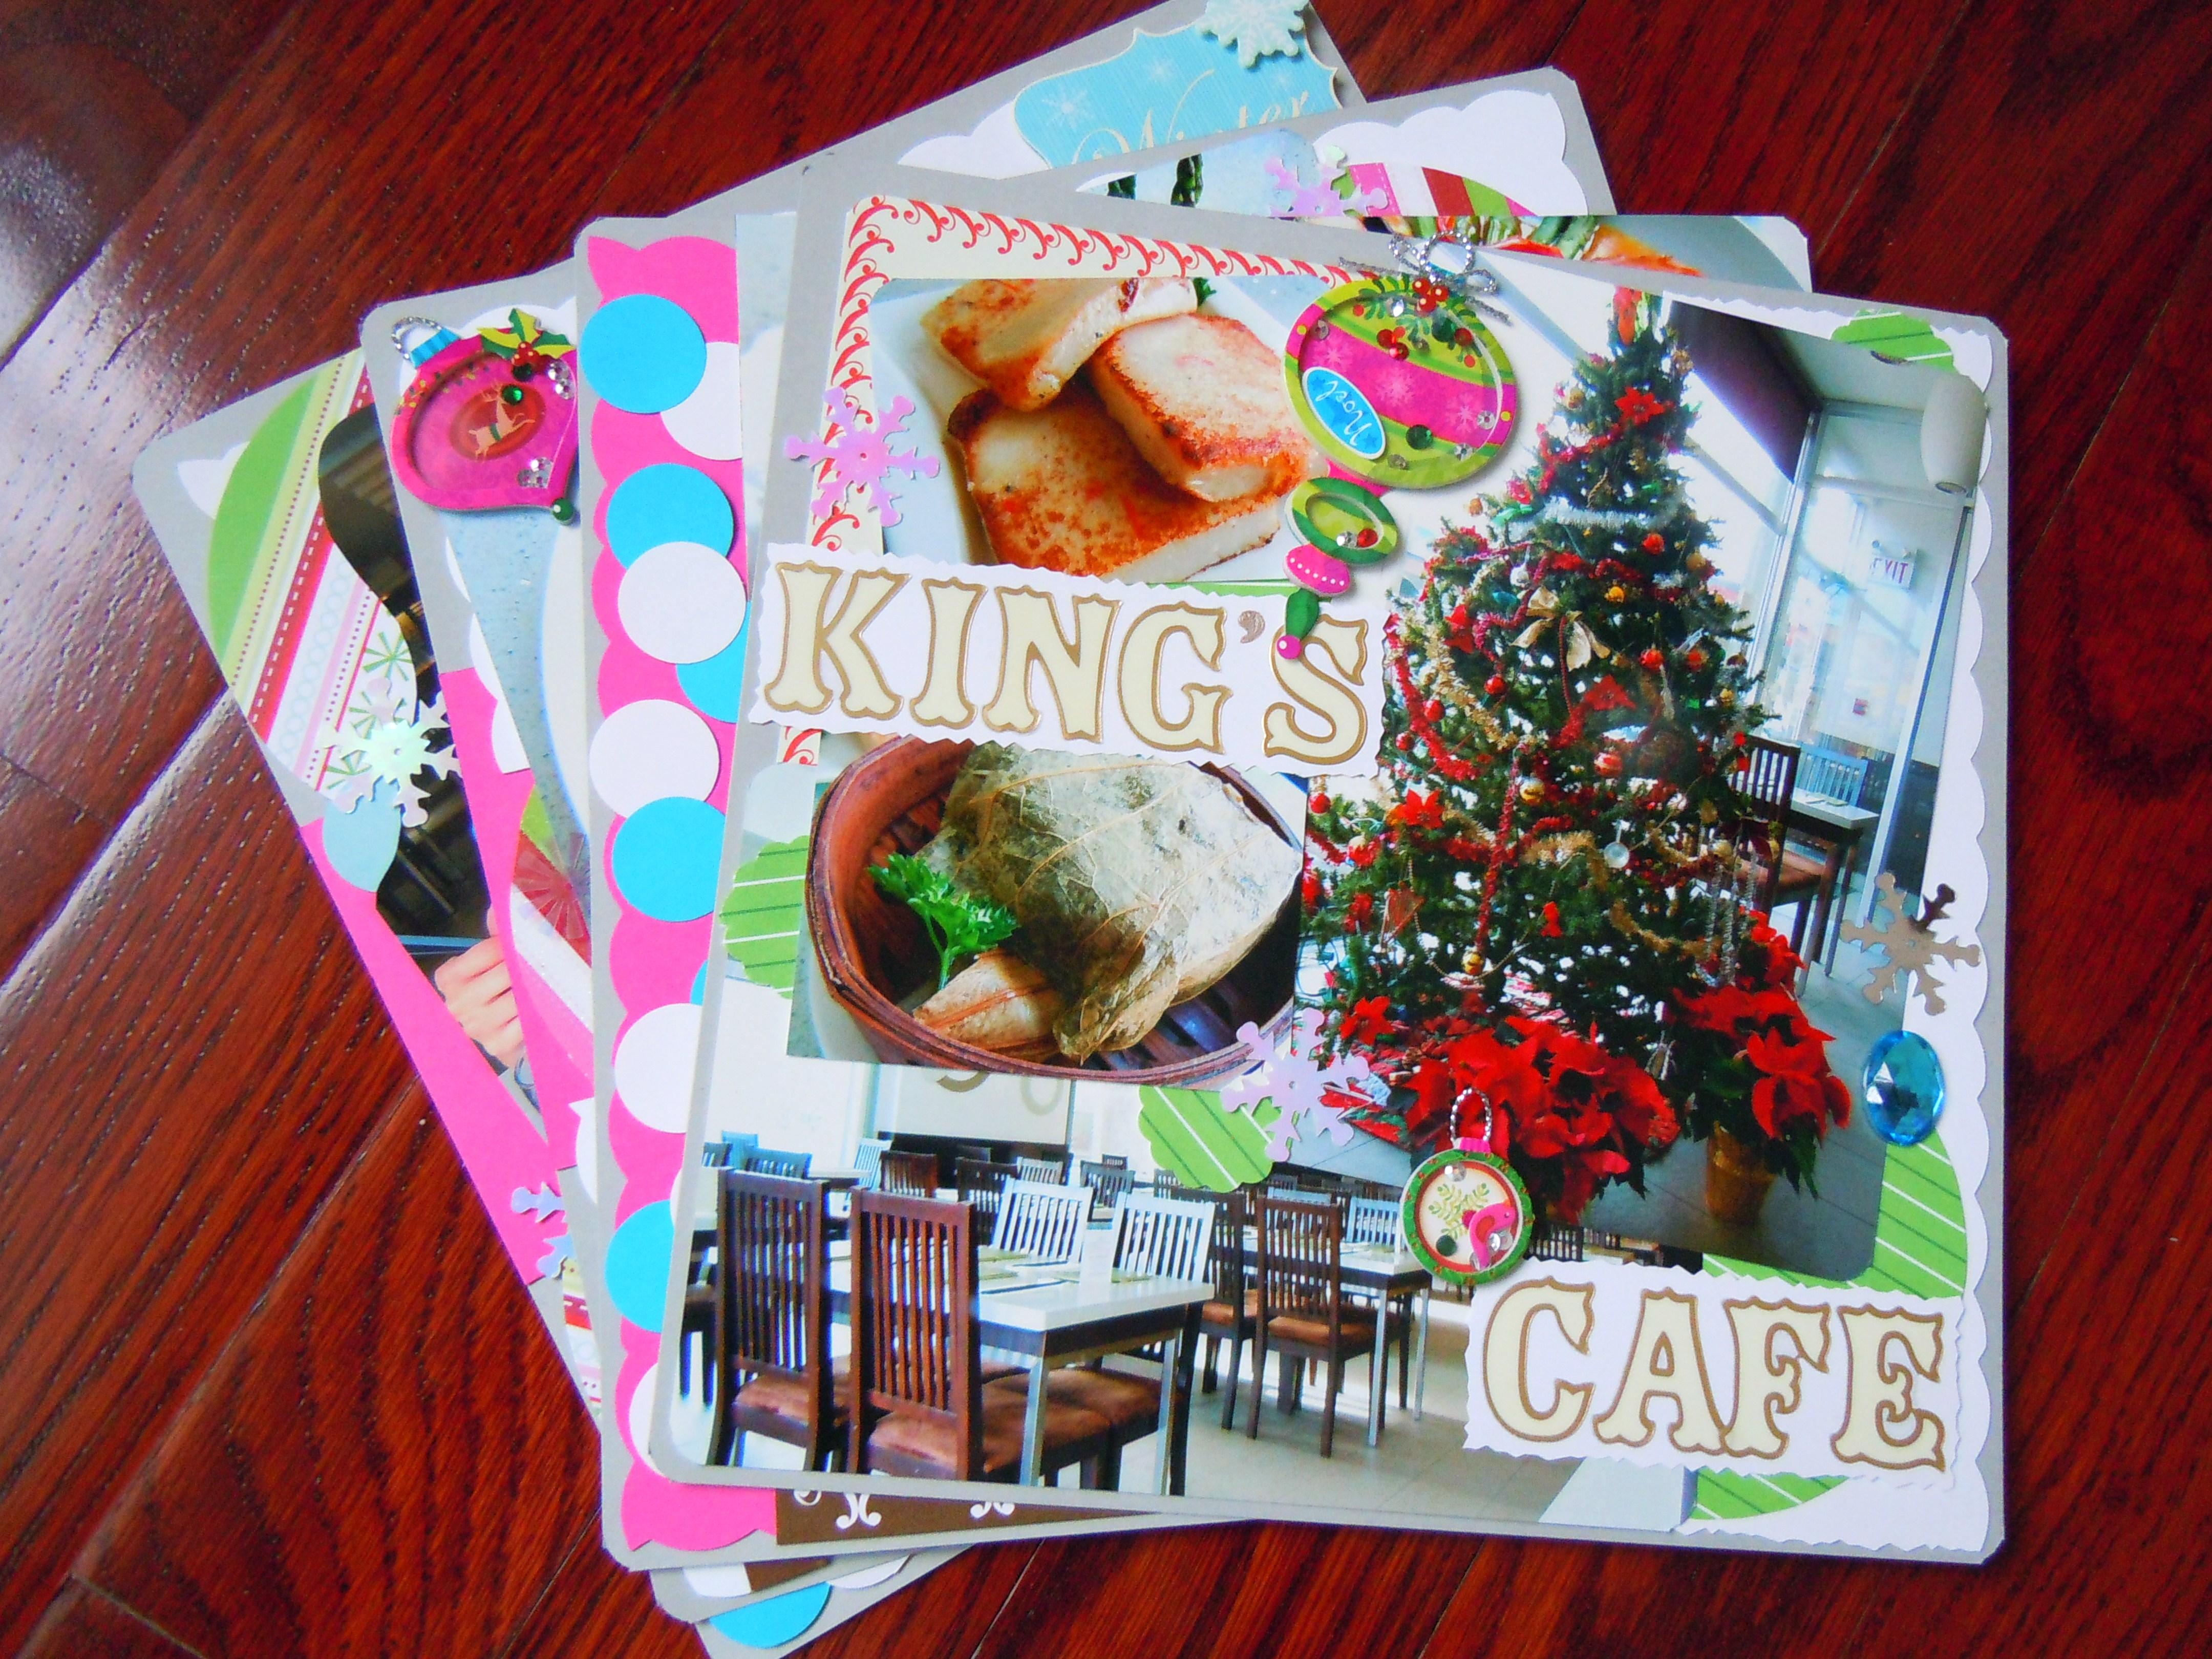 January scrapbook ideas - Scrapbooking